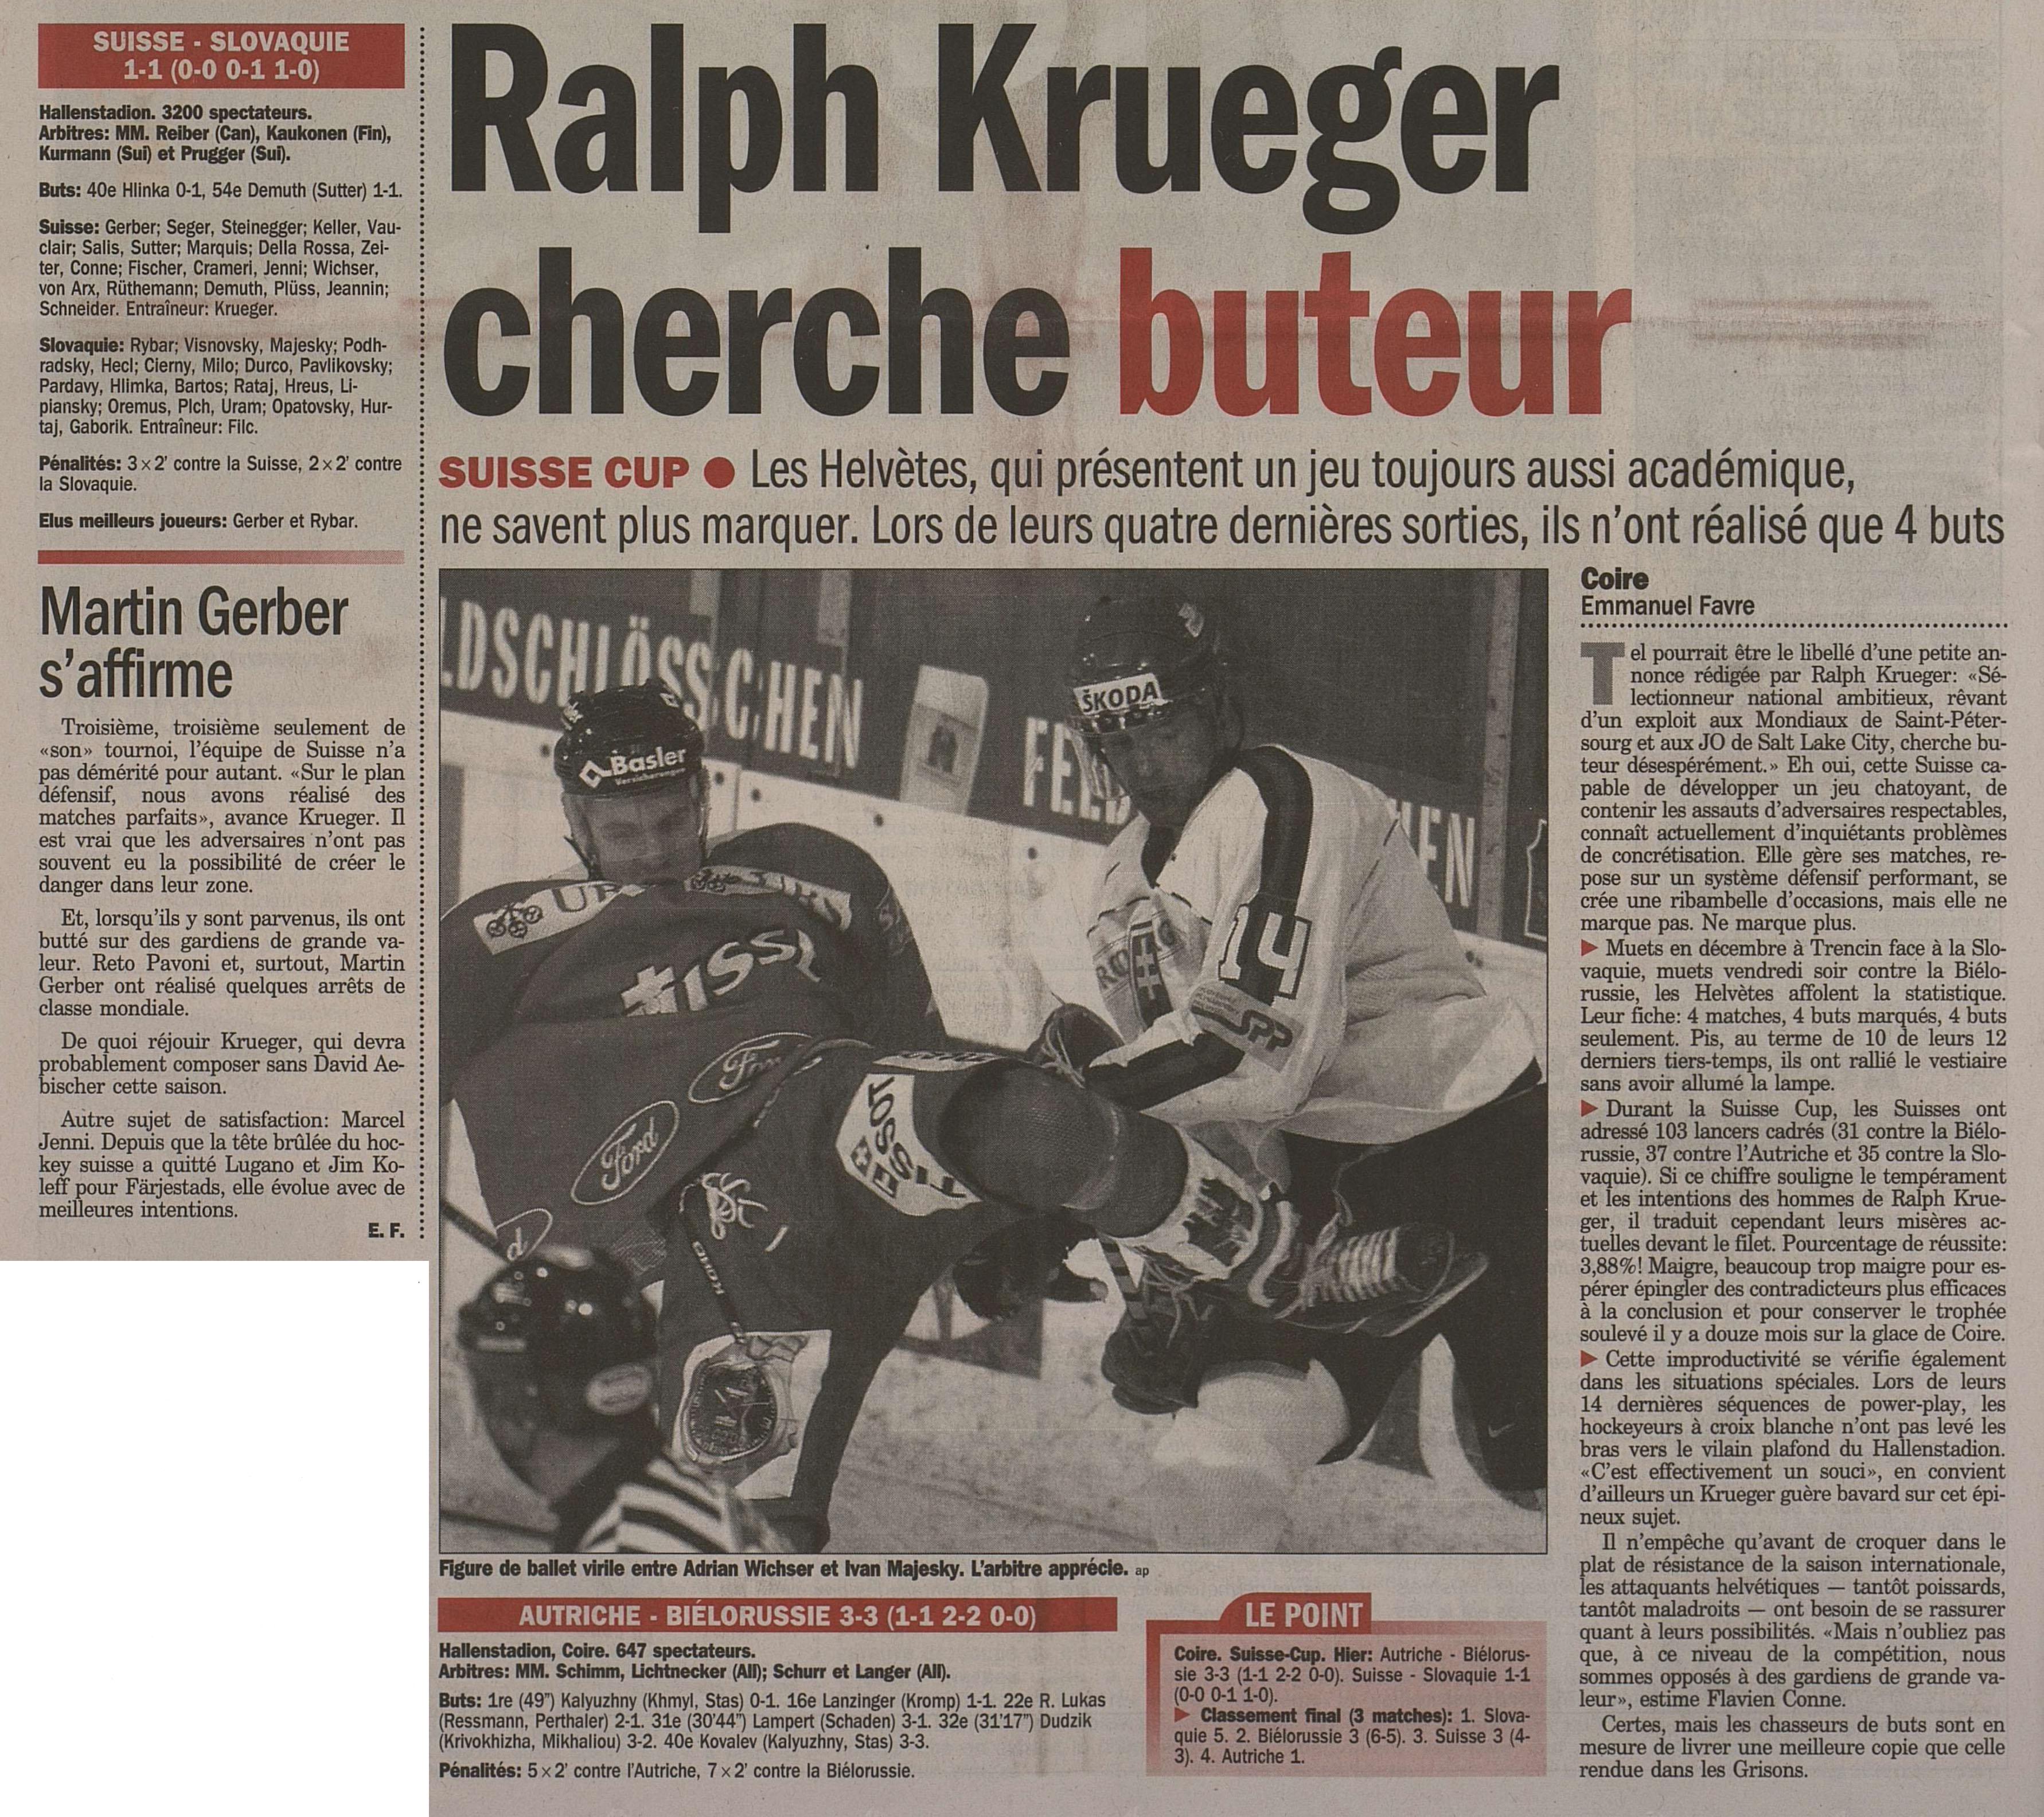 Le Matin - Tribune de Lausanne_20000214_kfr04a.jpg